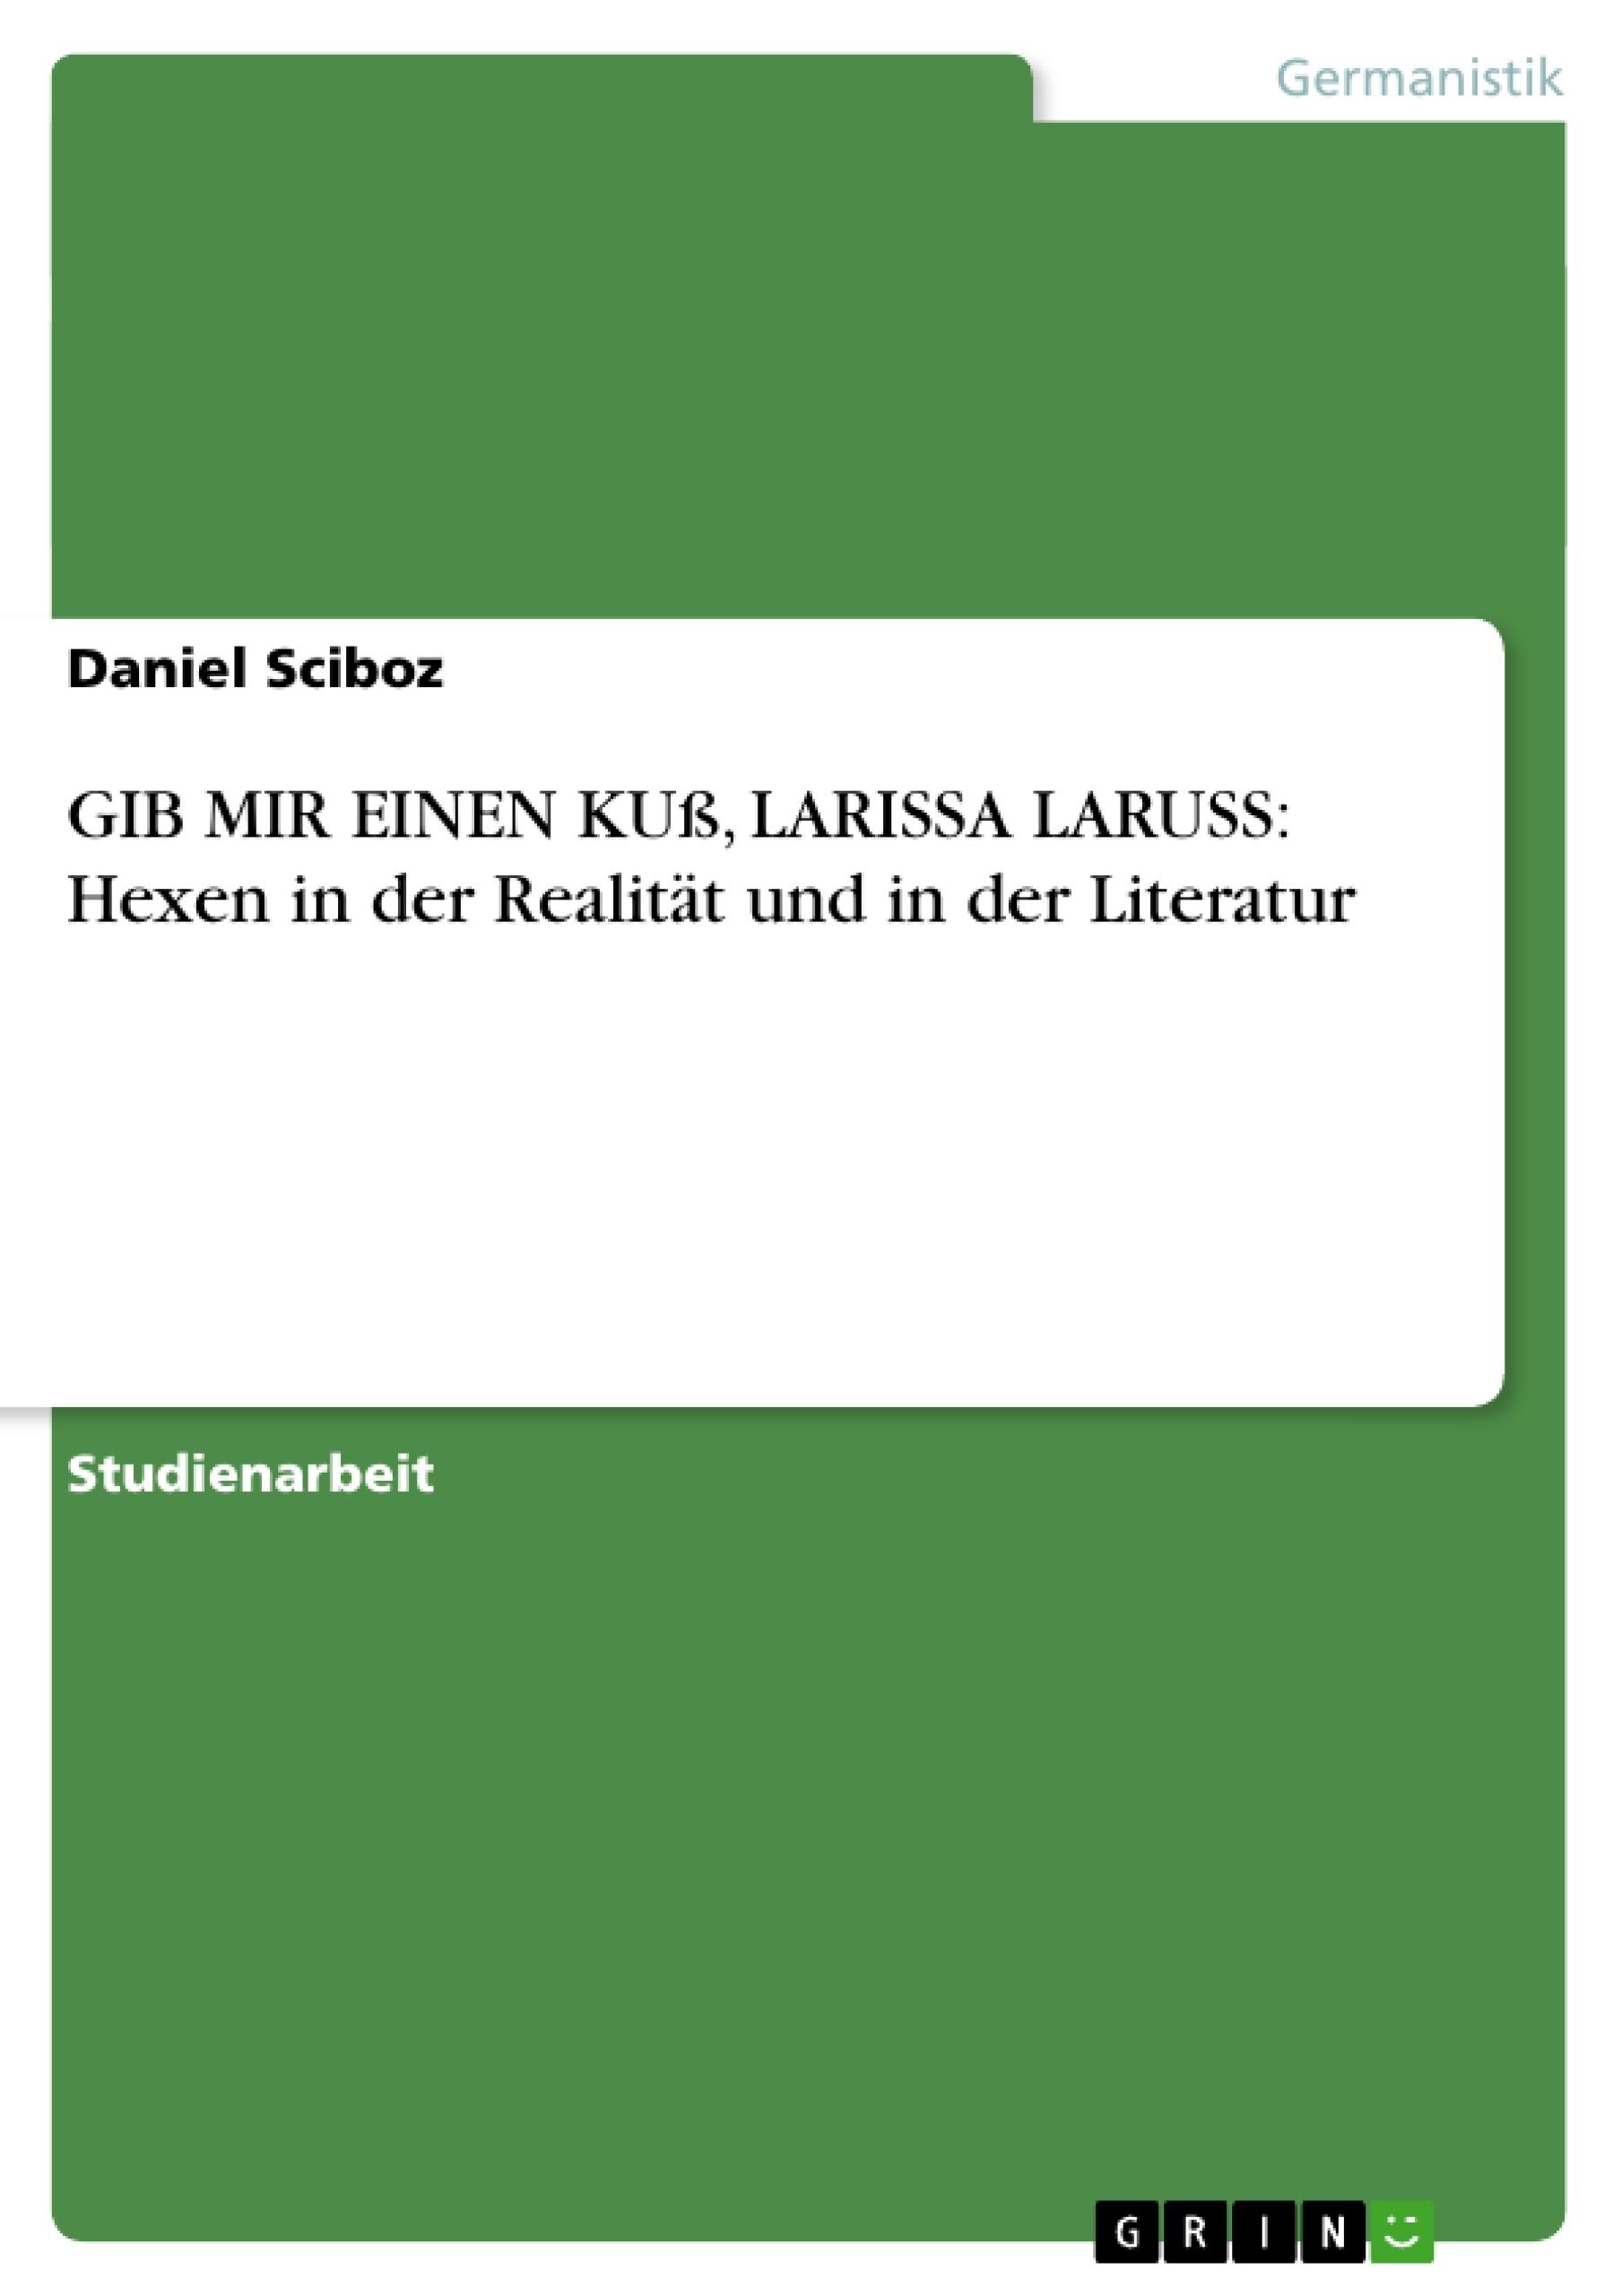 Titel: GIB MIR EINEN KUß, LARISSA LARUSS: Hexen in der Realität und in der Literatur